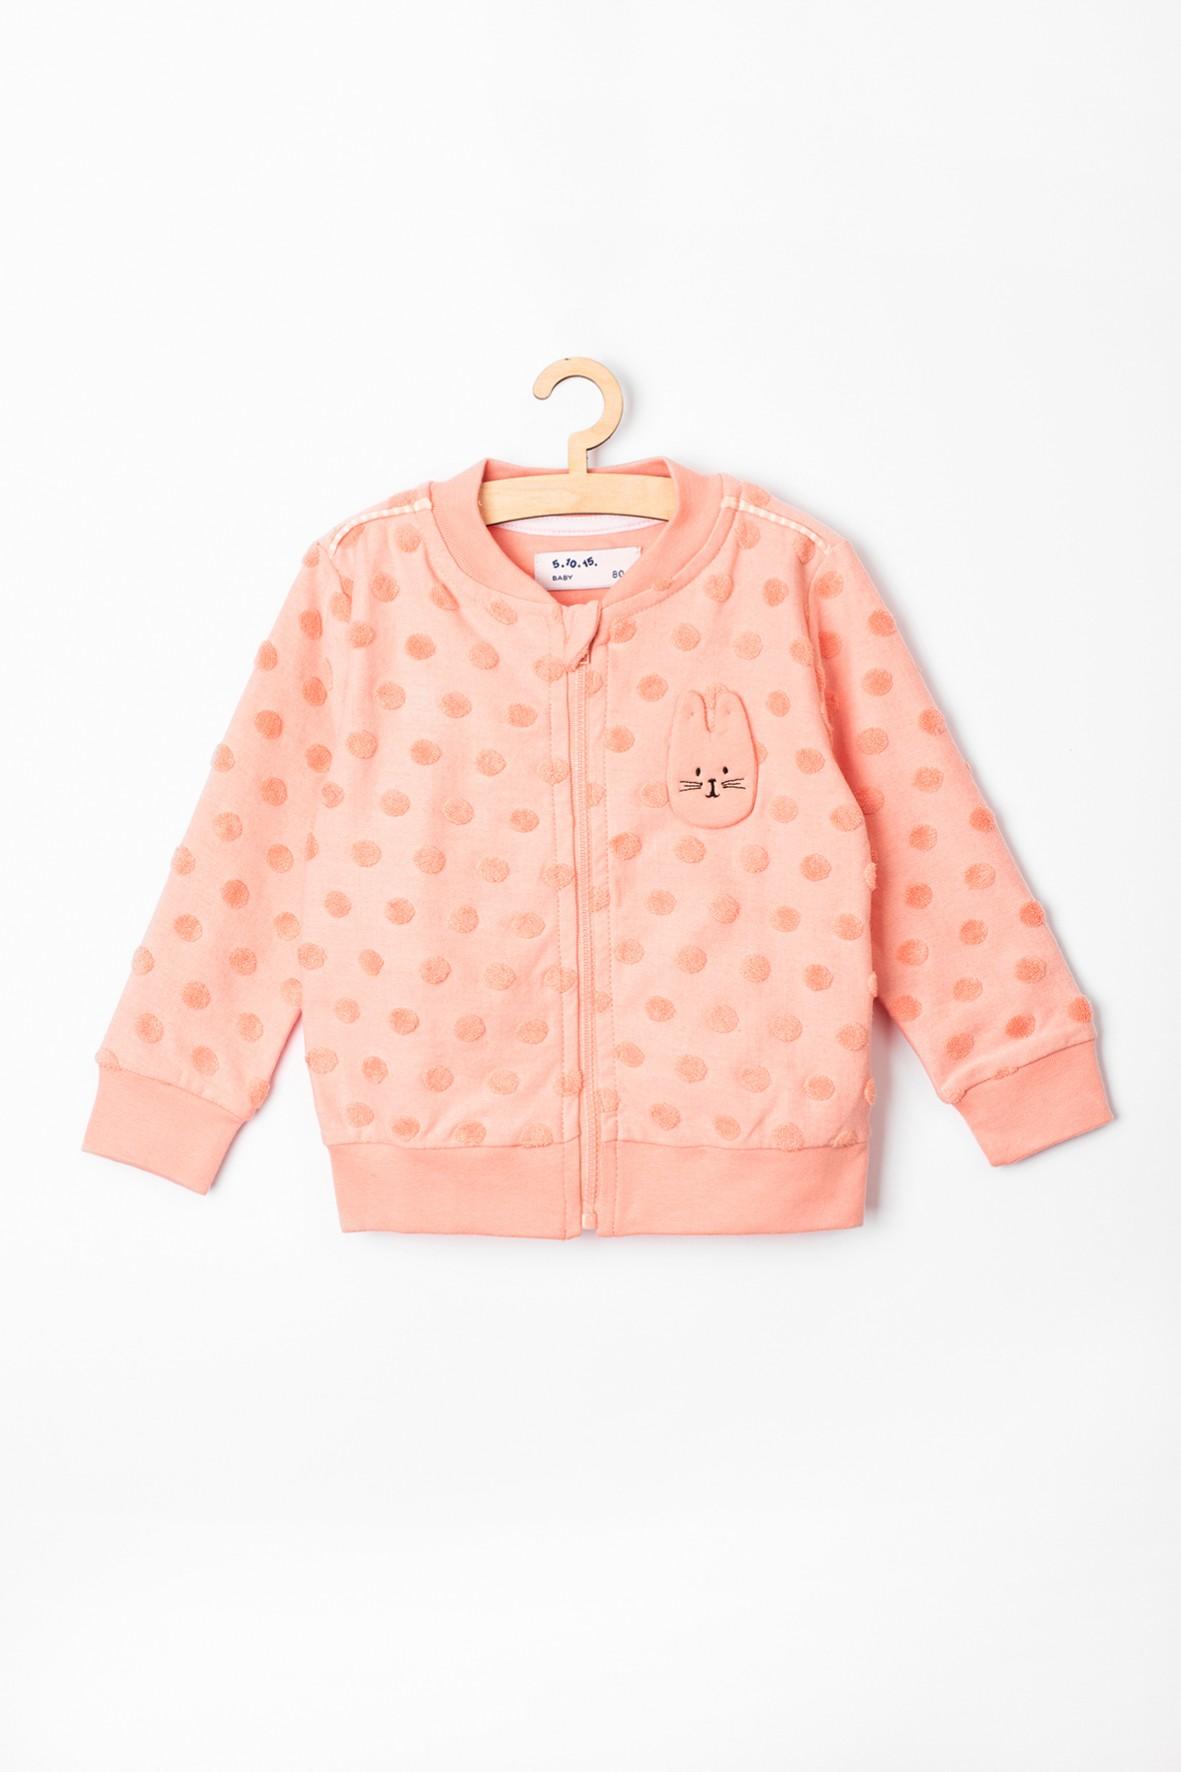 Bluza dziewczęca dresowa różowa rozpinana